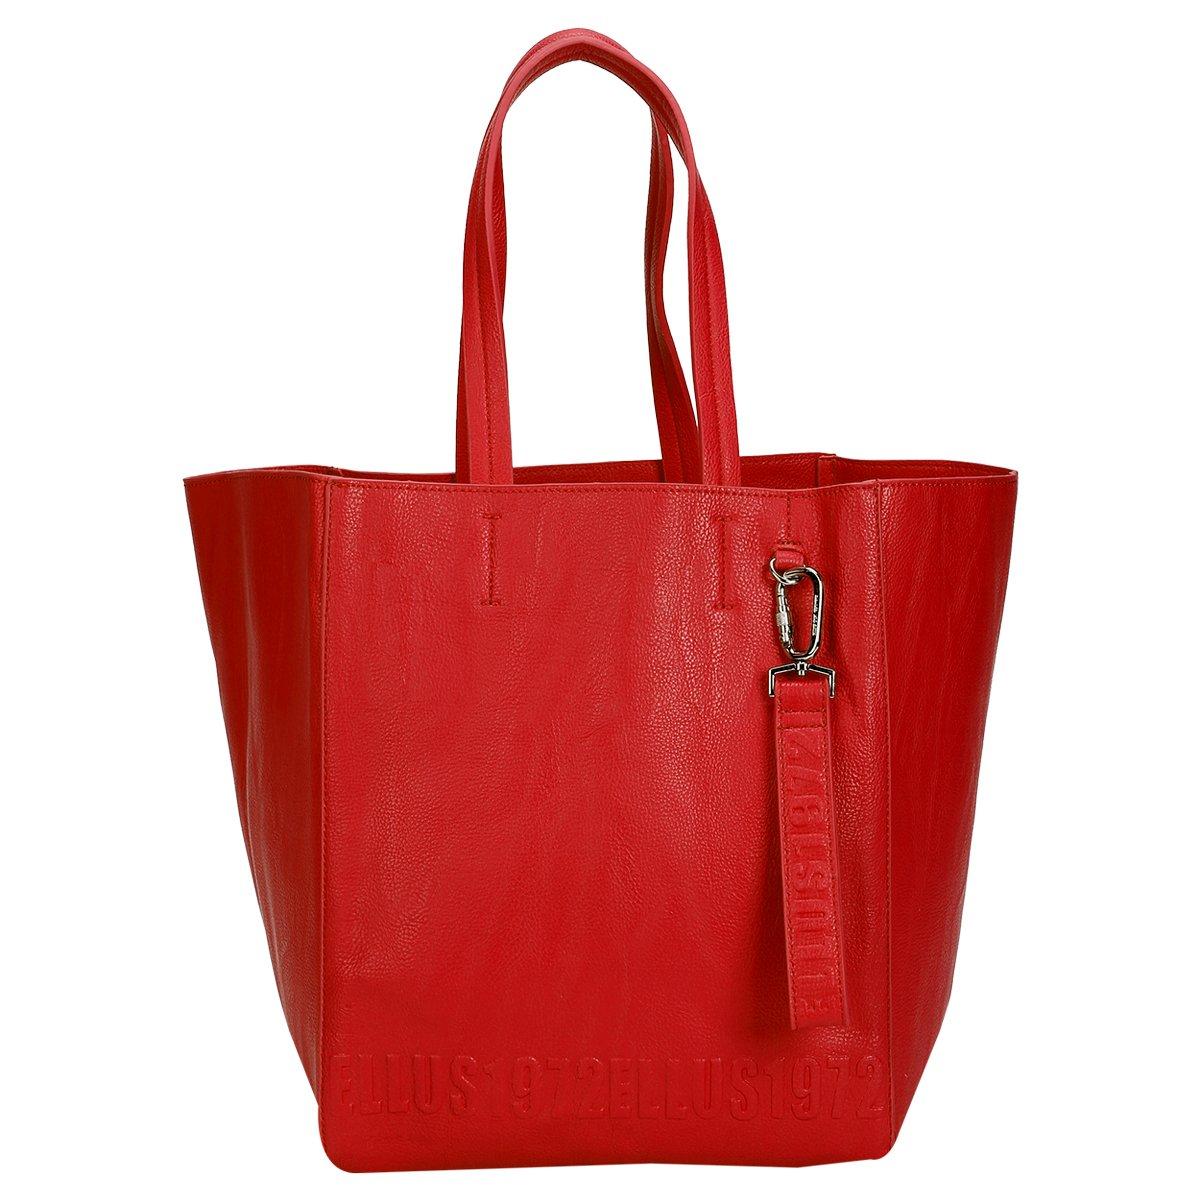 Bolsa Ellus Clutch Alto Relevo : Bolsa ellus saco alto relevo vermelho